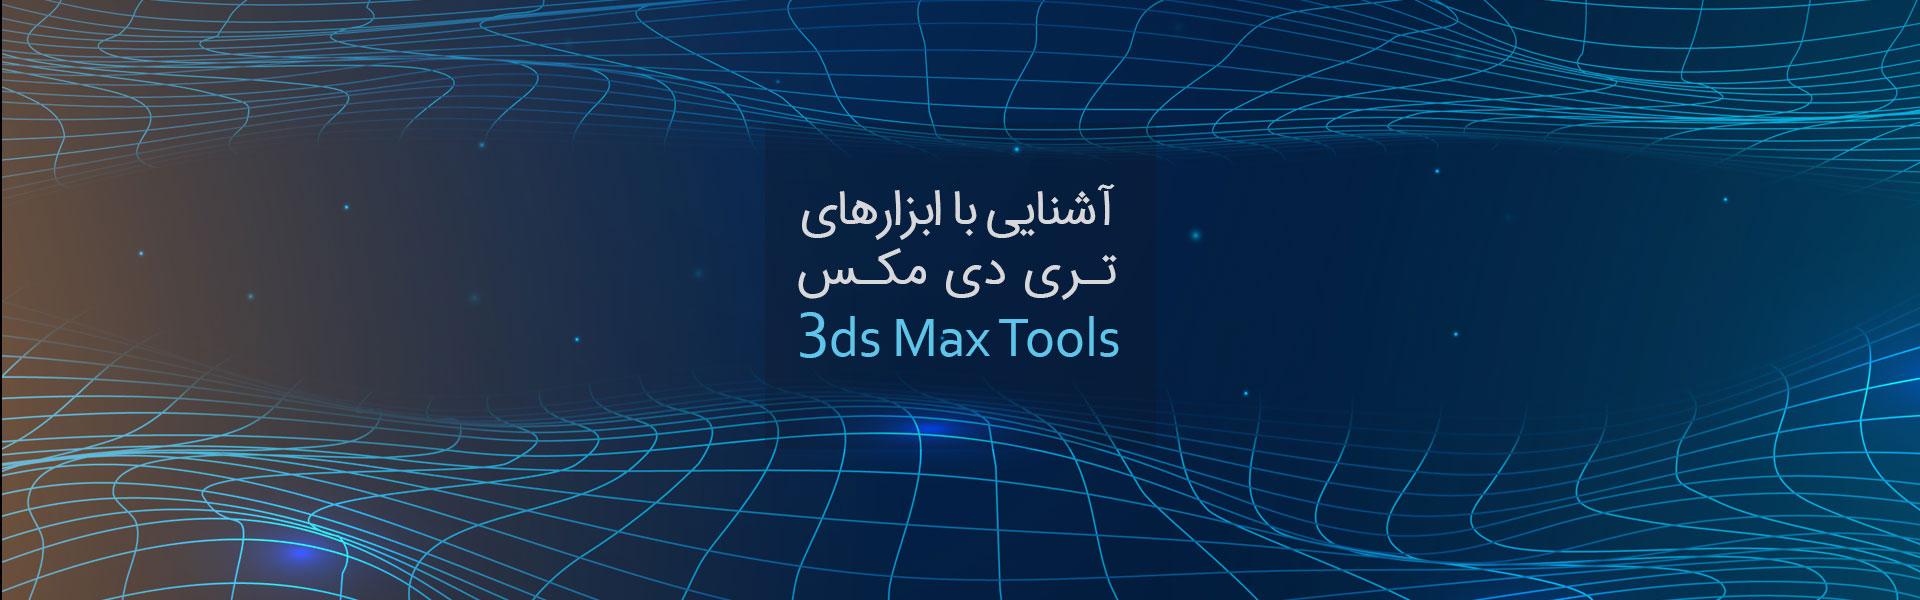 آشنایی با ابزارهای تری دی مکس